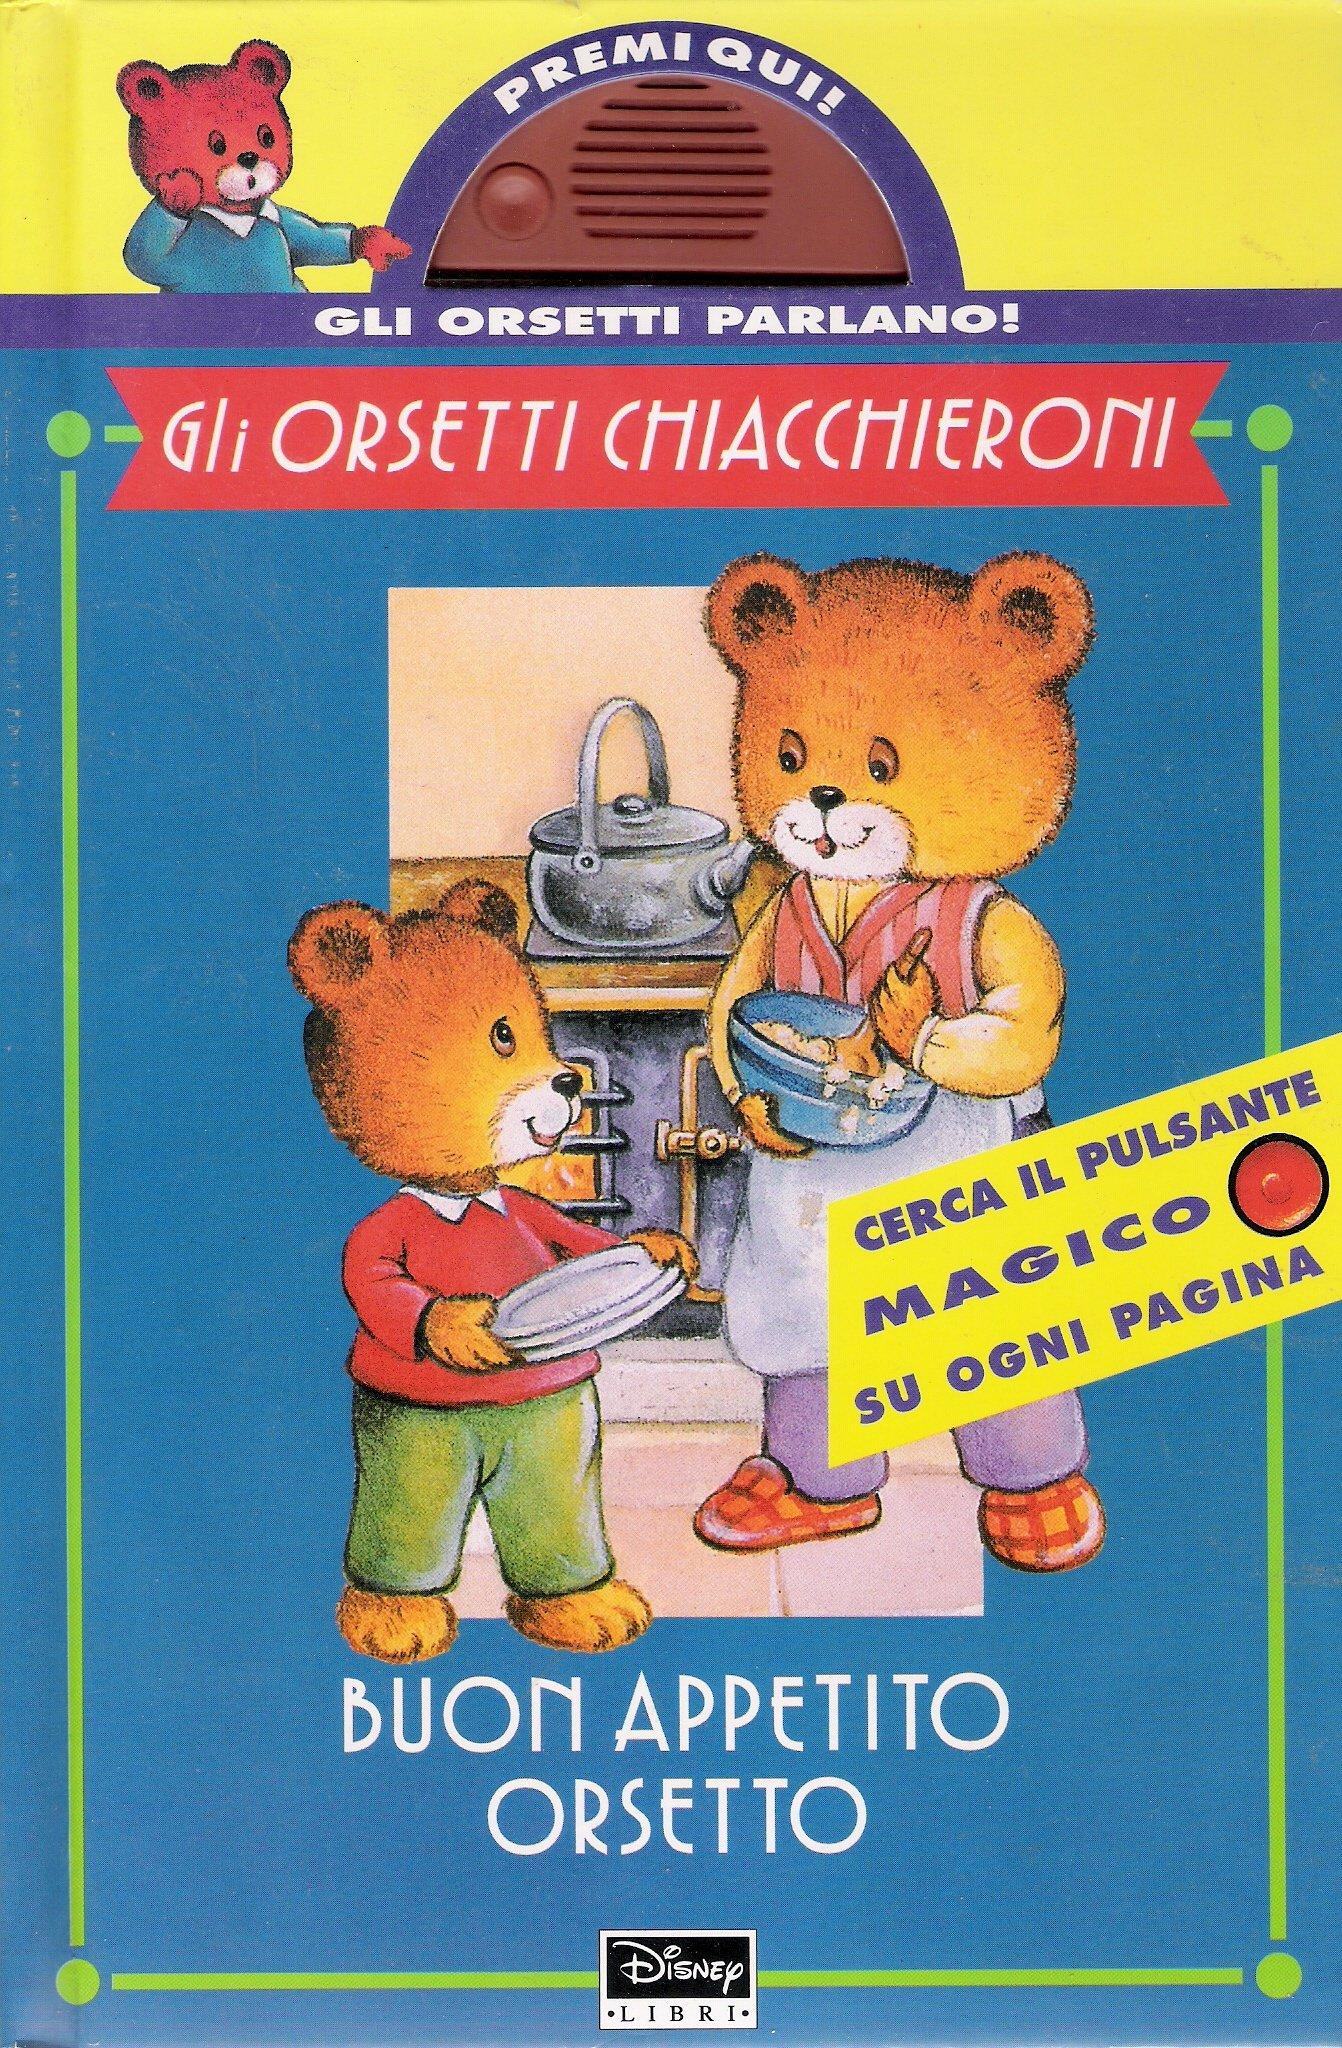 Buon appetito Orsetto